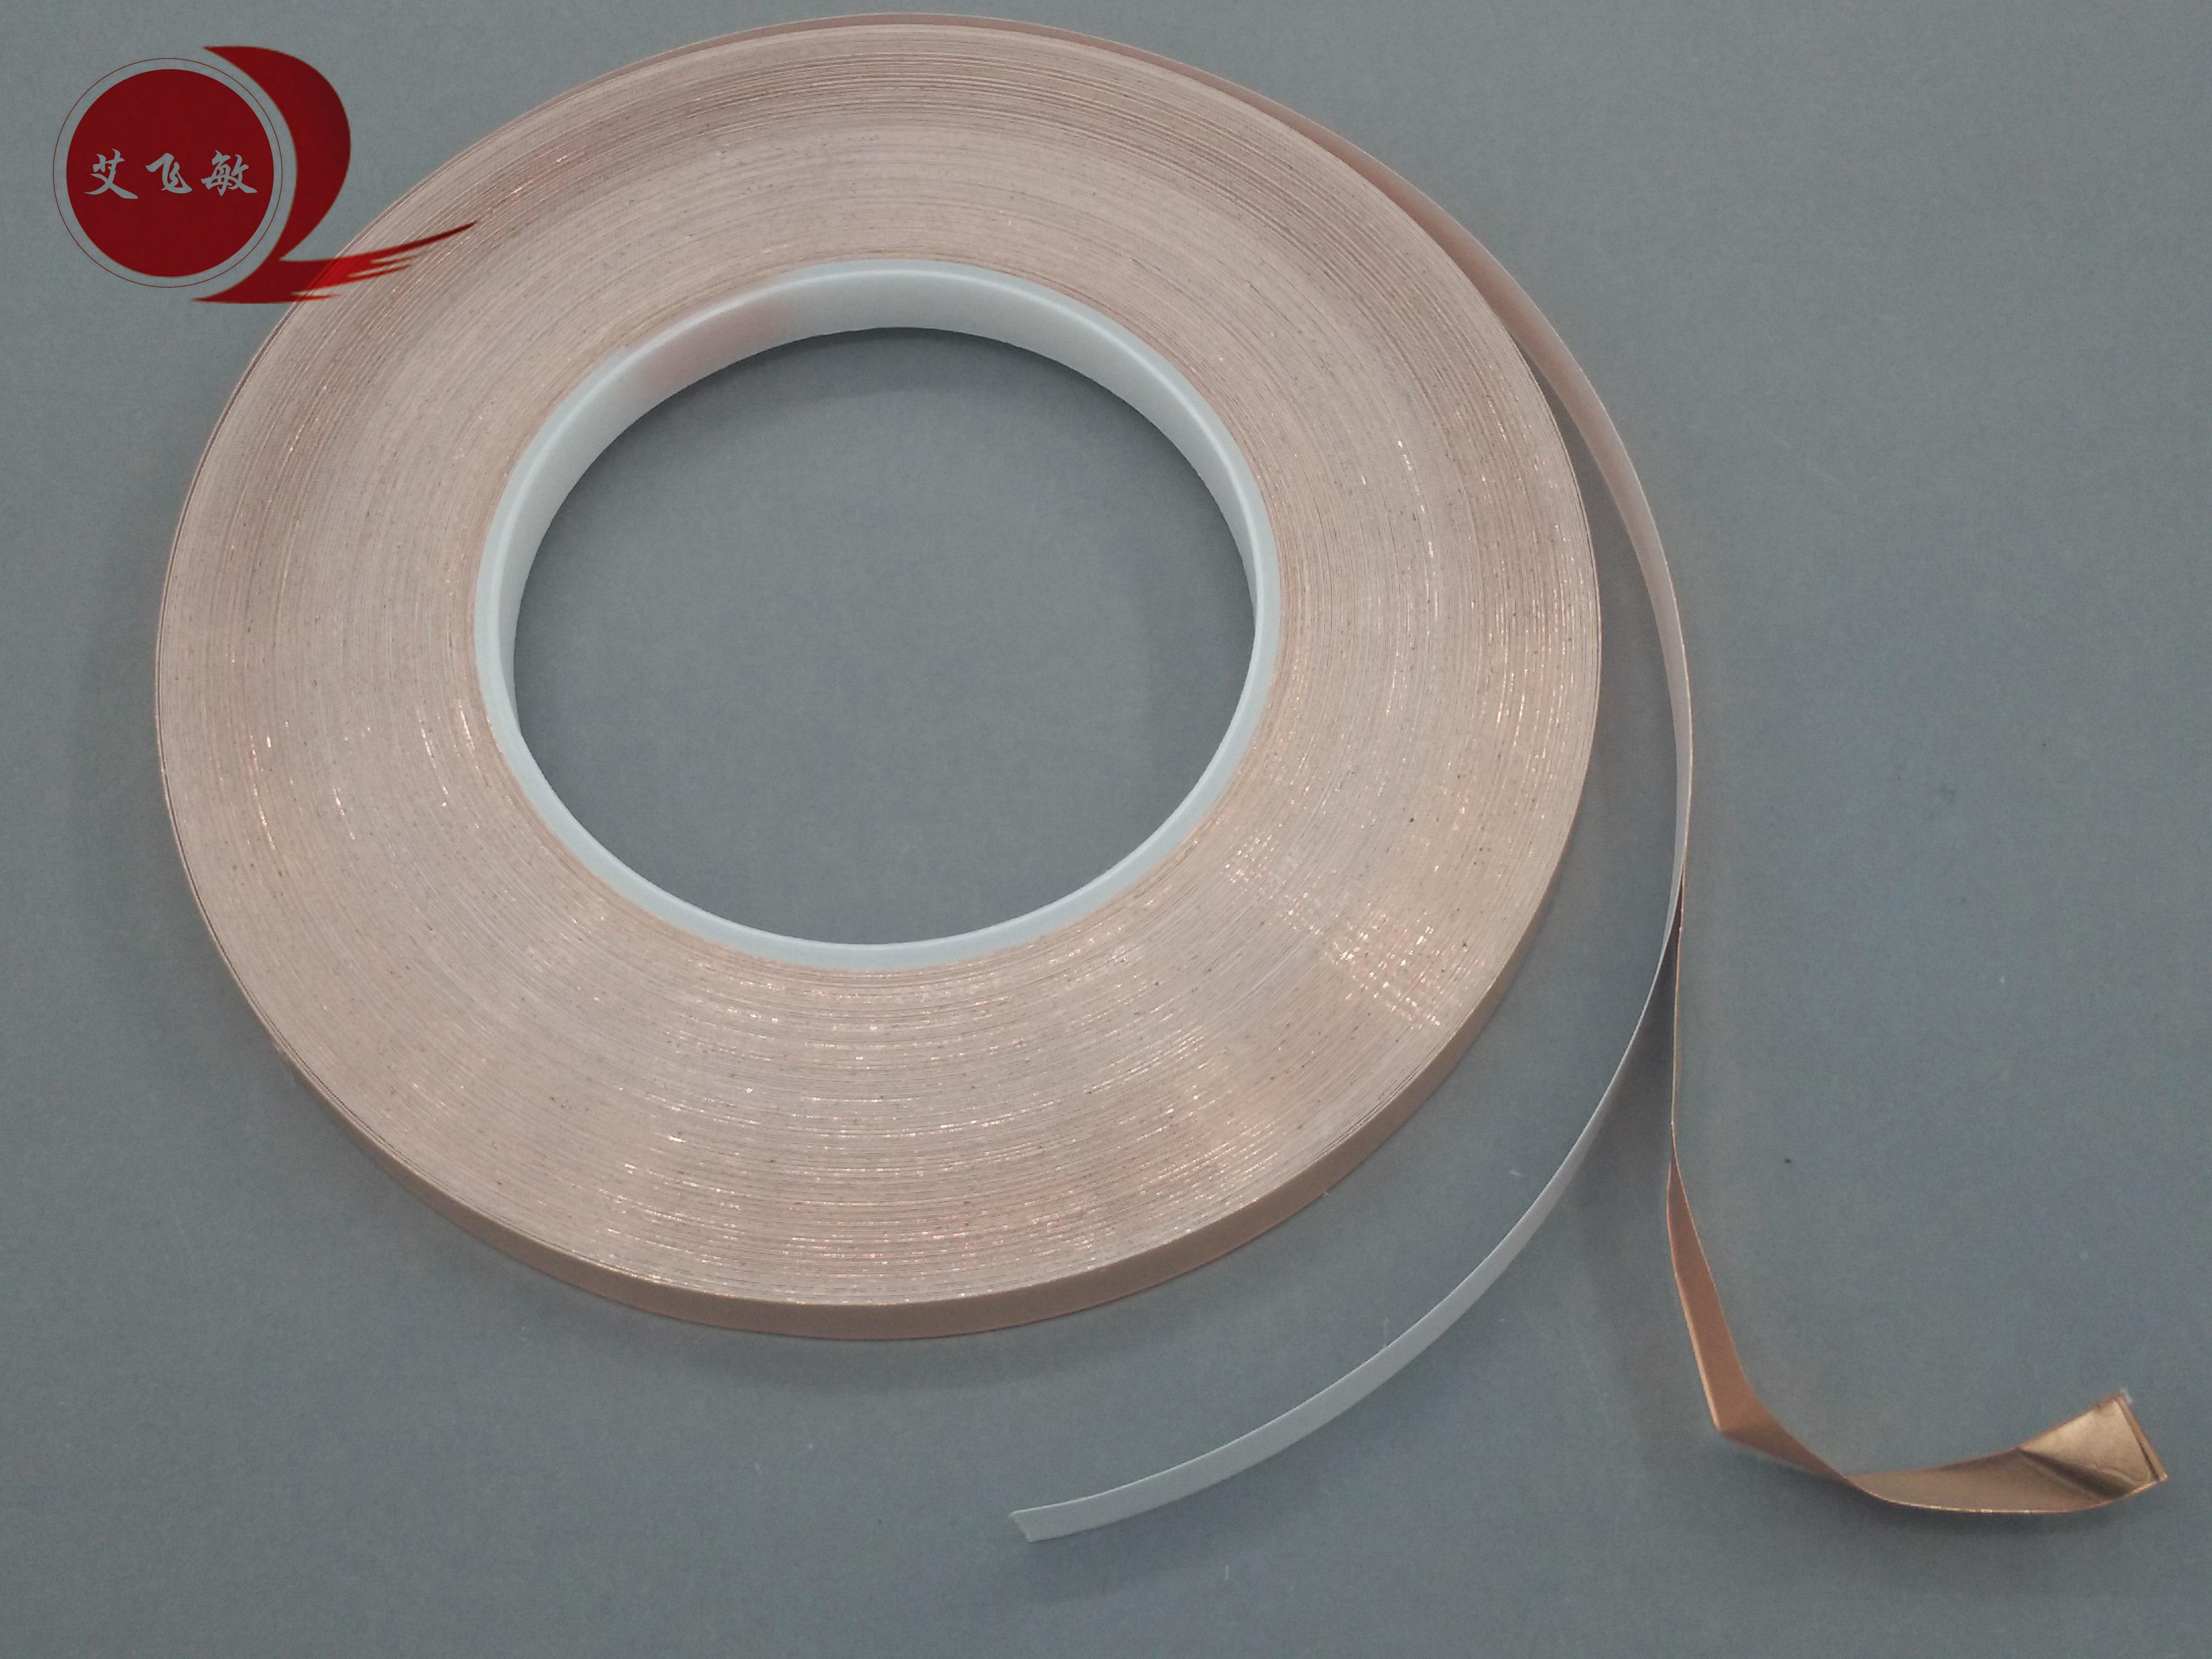 怎么贴铜箔,铜箔胶带的使用方法